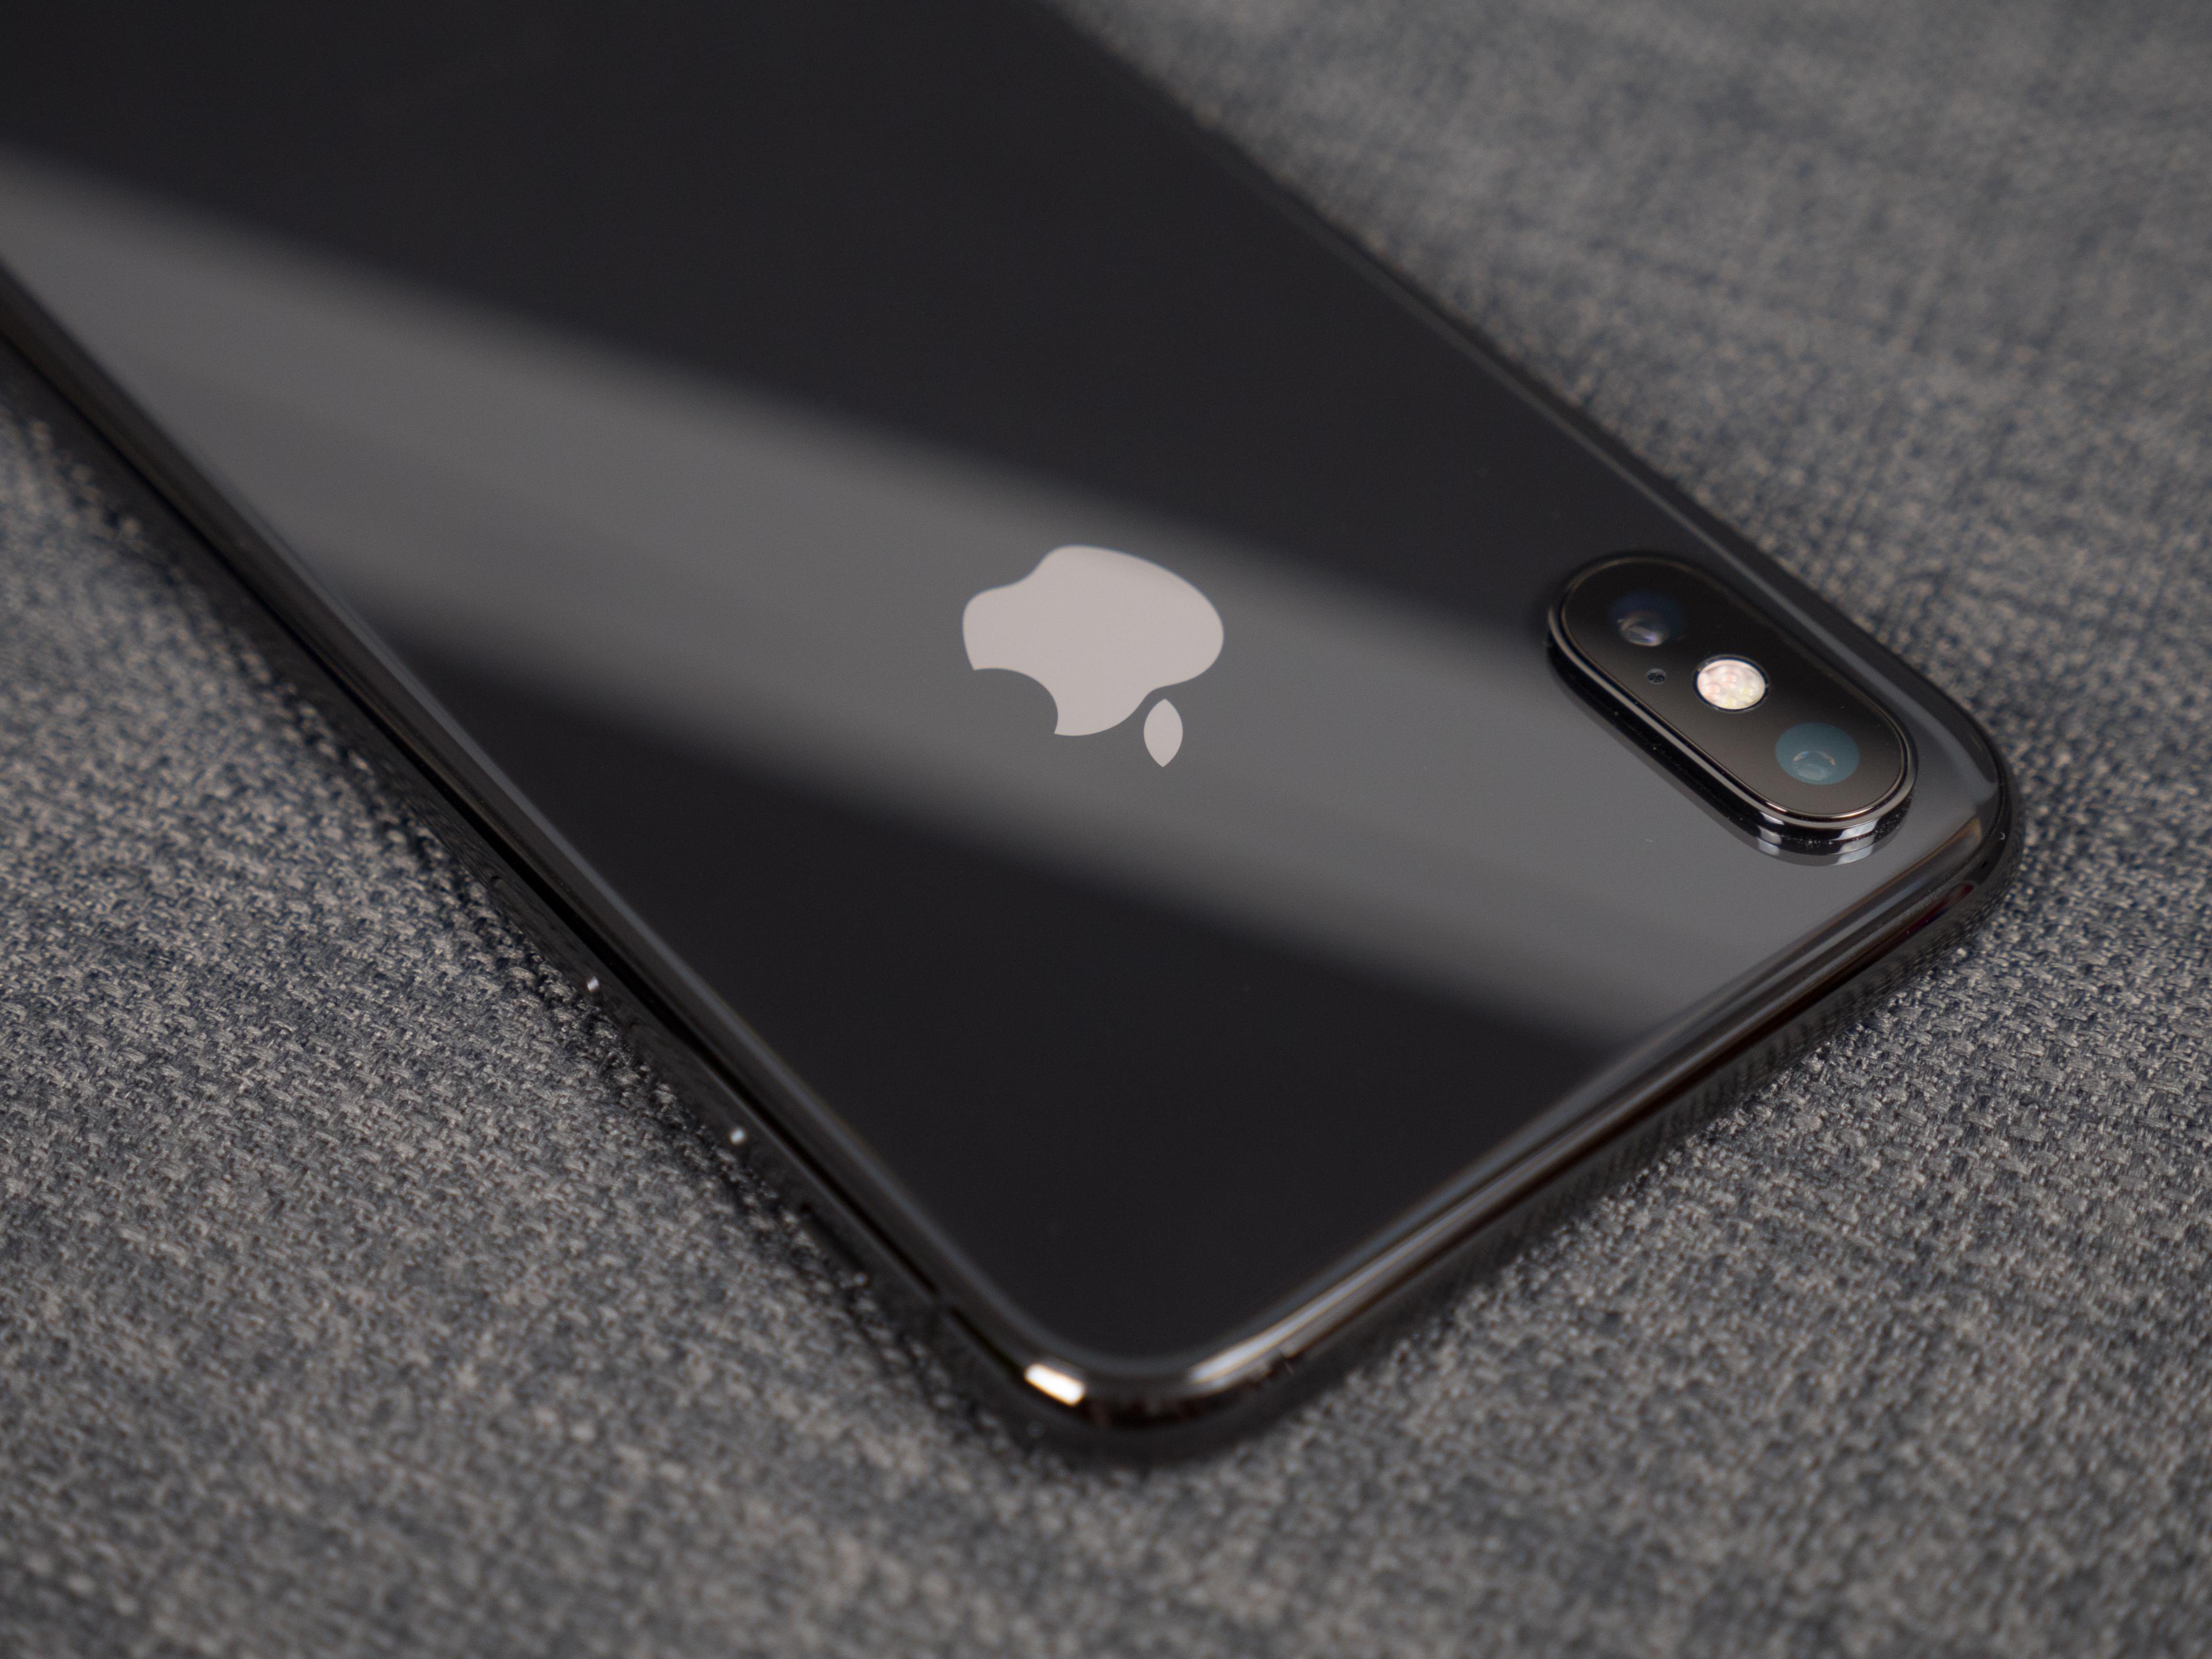 Trop cher, l'iPhone X se vendrait moins bien que prévu